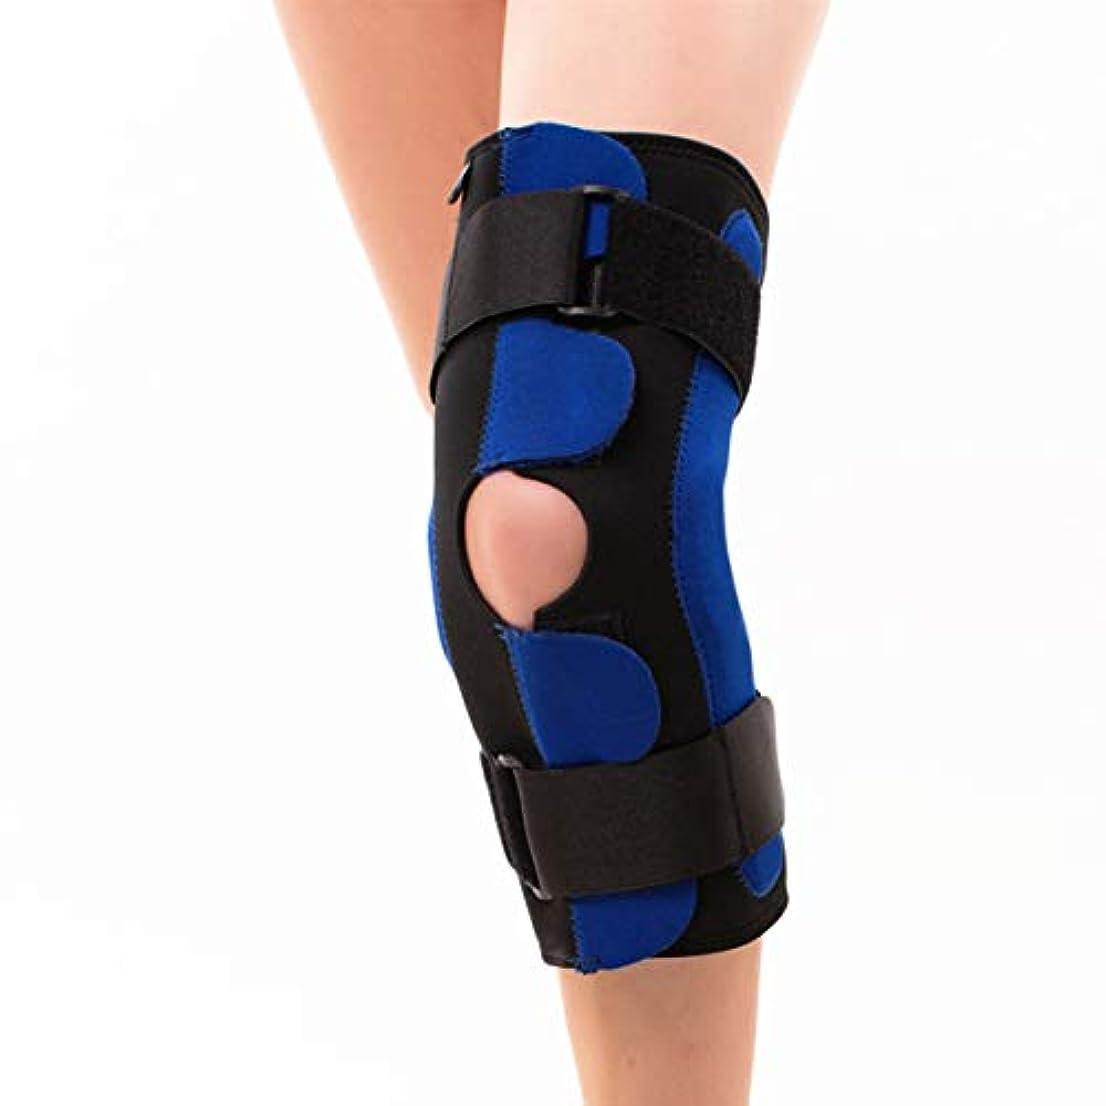 先行する外交アリ屋外スポーツ膝パッド膝鋼サポートバークライミングスポーツ安全膝ブレースフィットネス保護パーツ-ブラックL